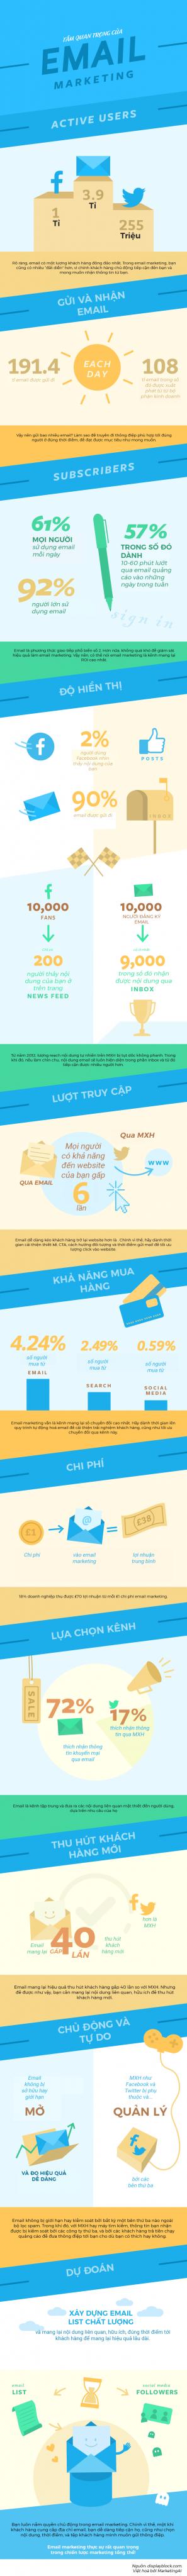 infographic email marketing quan trọng tới mức nào?